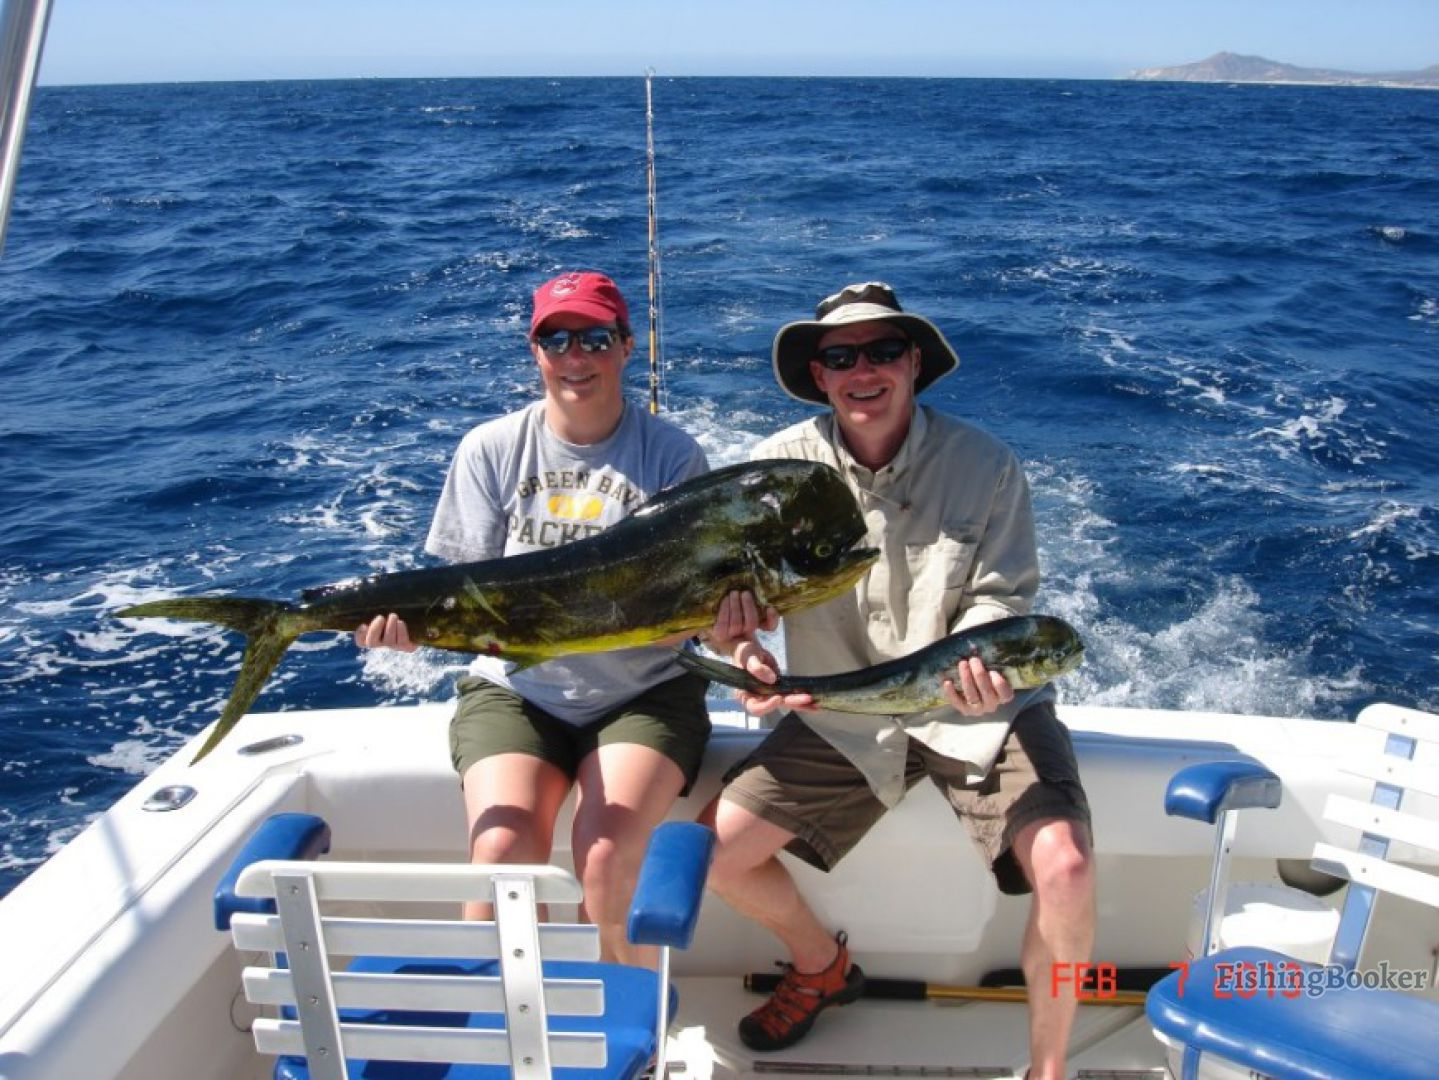 30 viviana cabo san lucas mexico for Cabo san lucas fishing charters prices